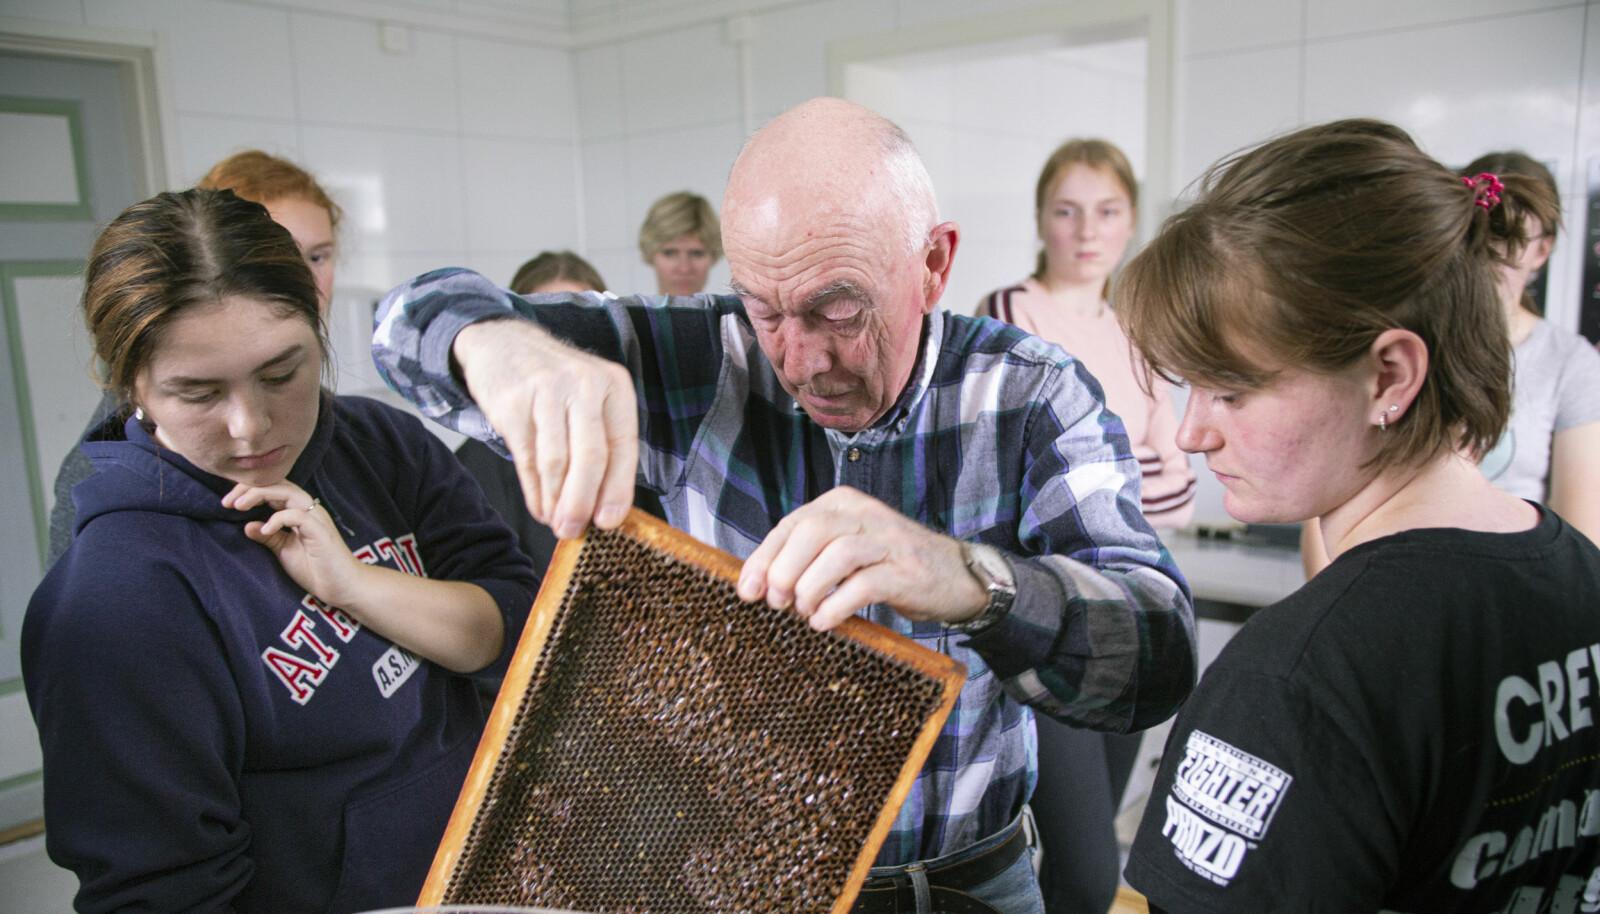 Den 80 år gamle birøkteren Ole Kristian Tønnesen er hentet inn for å dele av sin kunnskap med elevene. – Bier som husdyr vil ha avgjørende betydning for landbruket. Dyrker man rybs eller raps, vil avlingene øke med 30 prosent dersom man har bikuber tilgjengelig for bestøvning, forteller han.